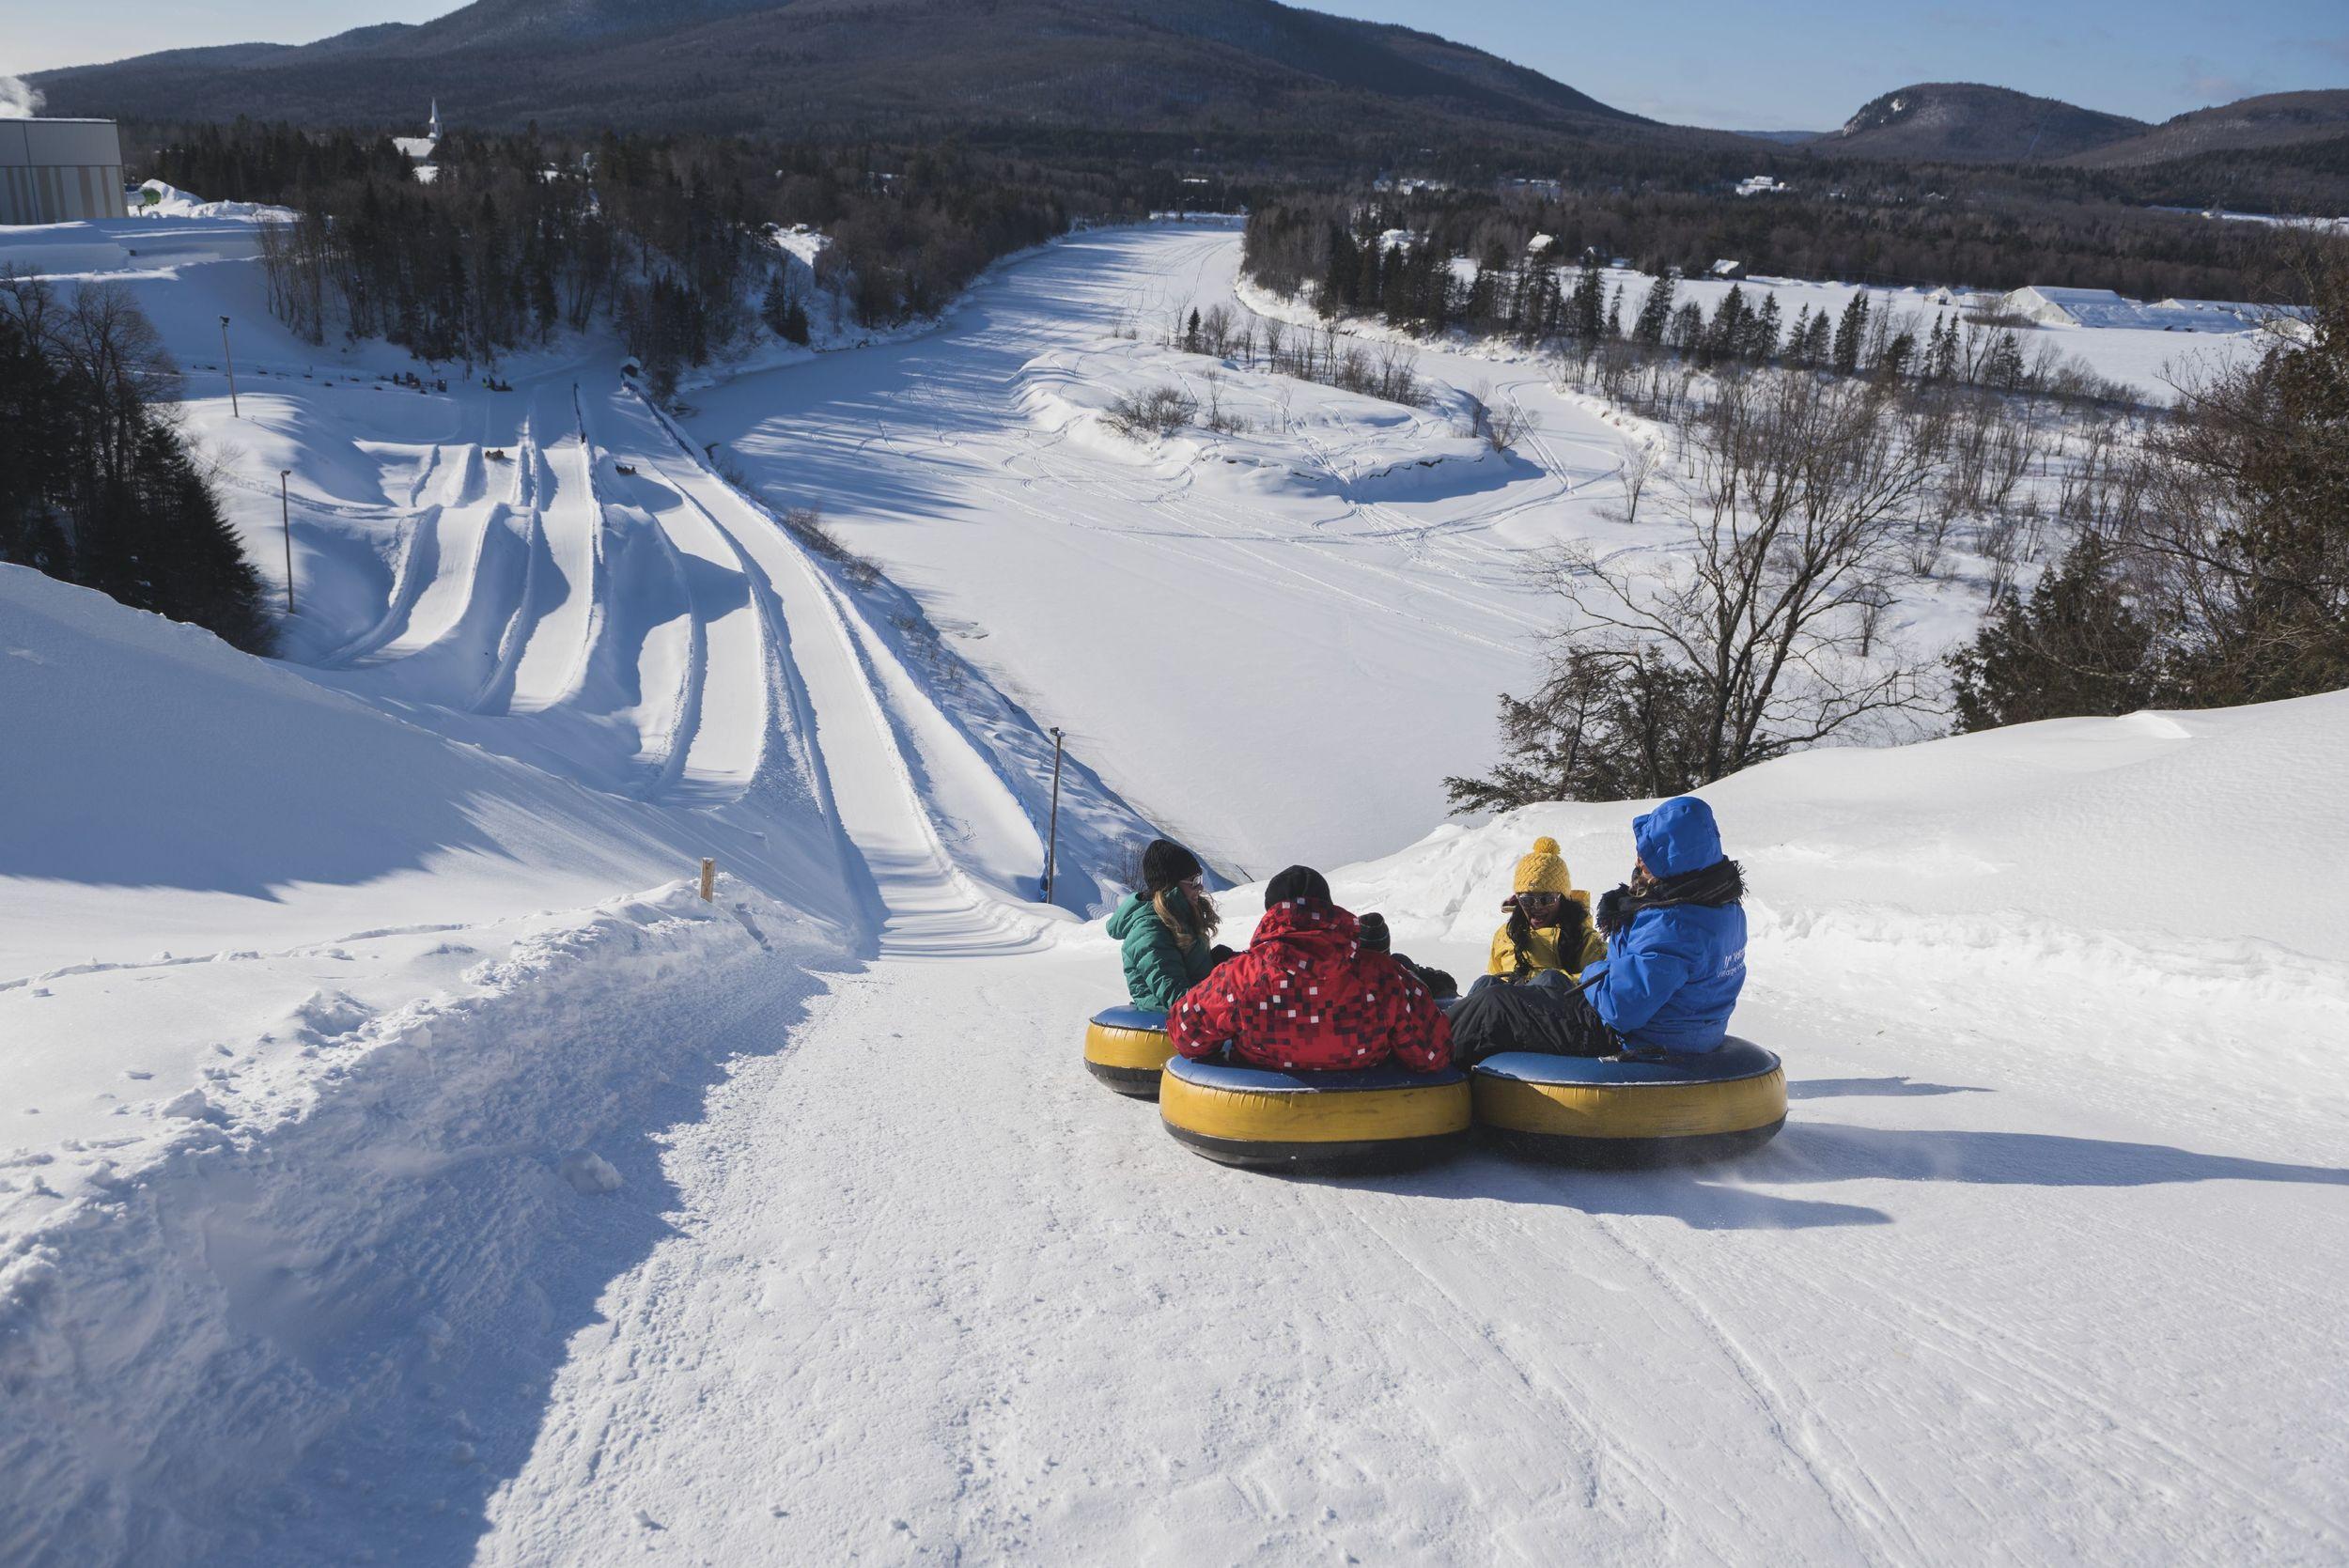 Snow-tubing in Valcartier Village Vacances in Quebec